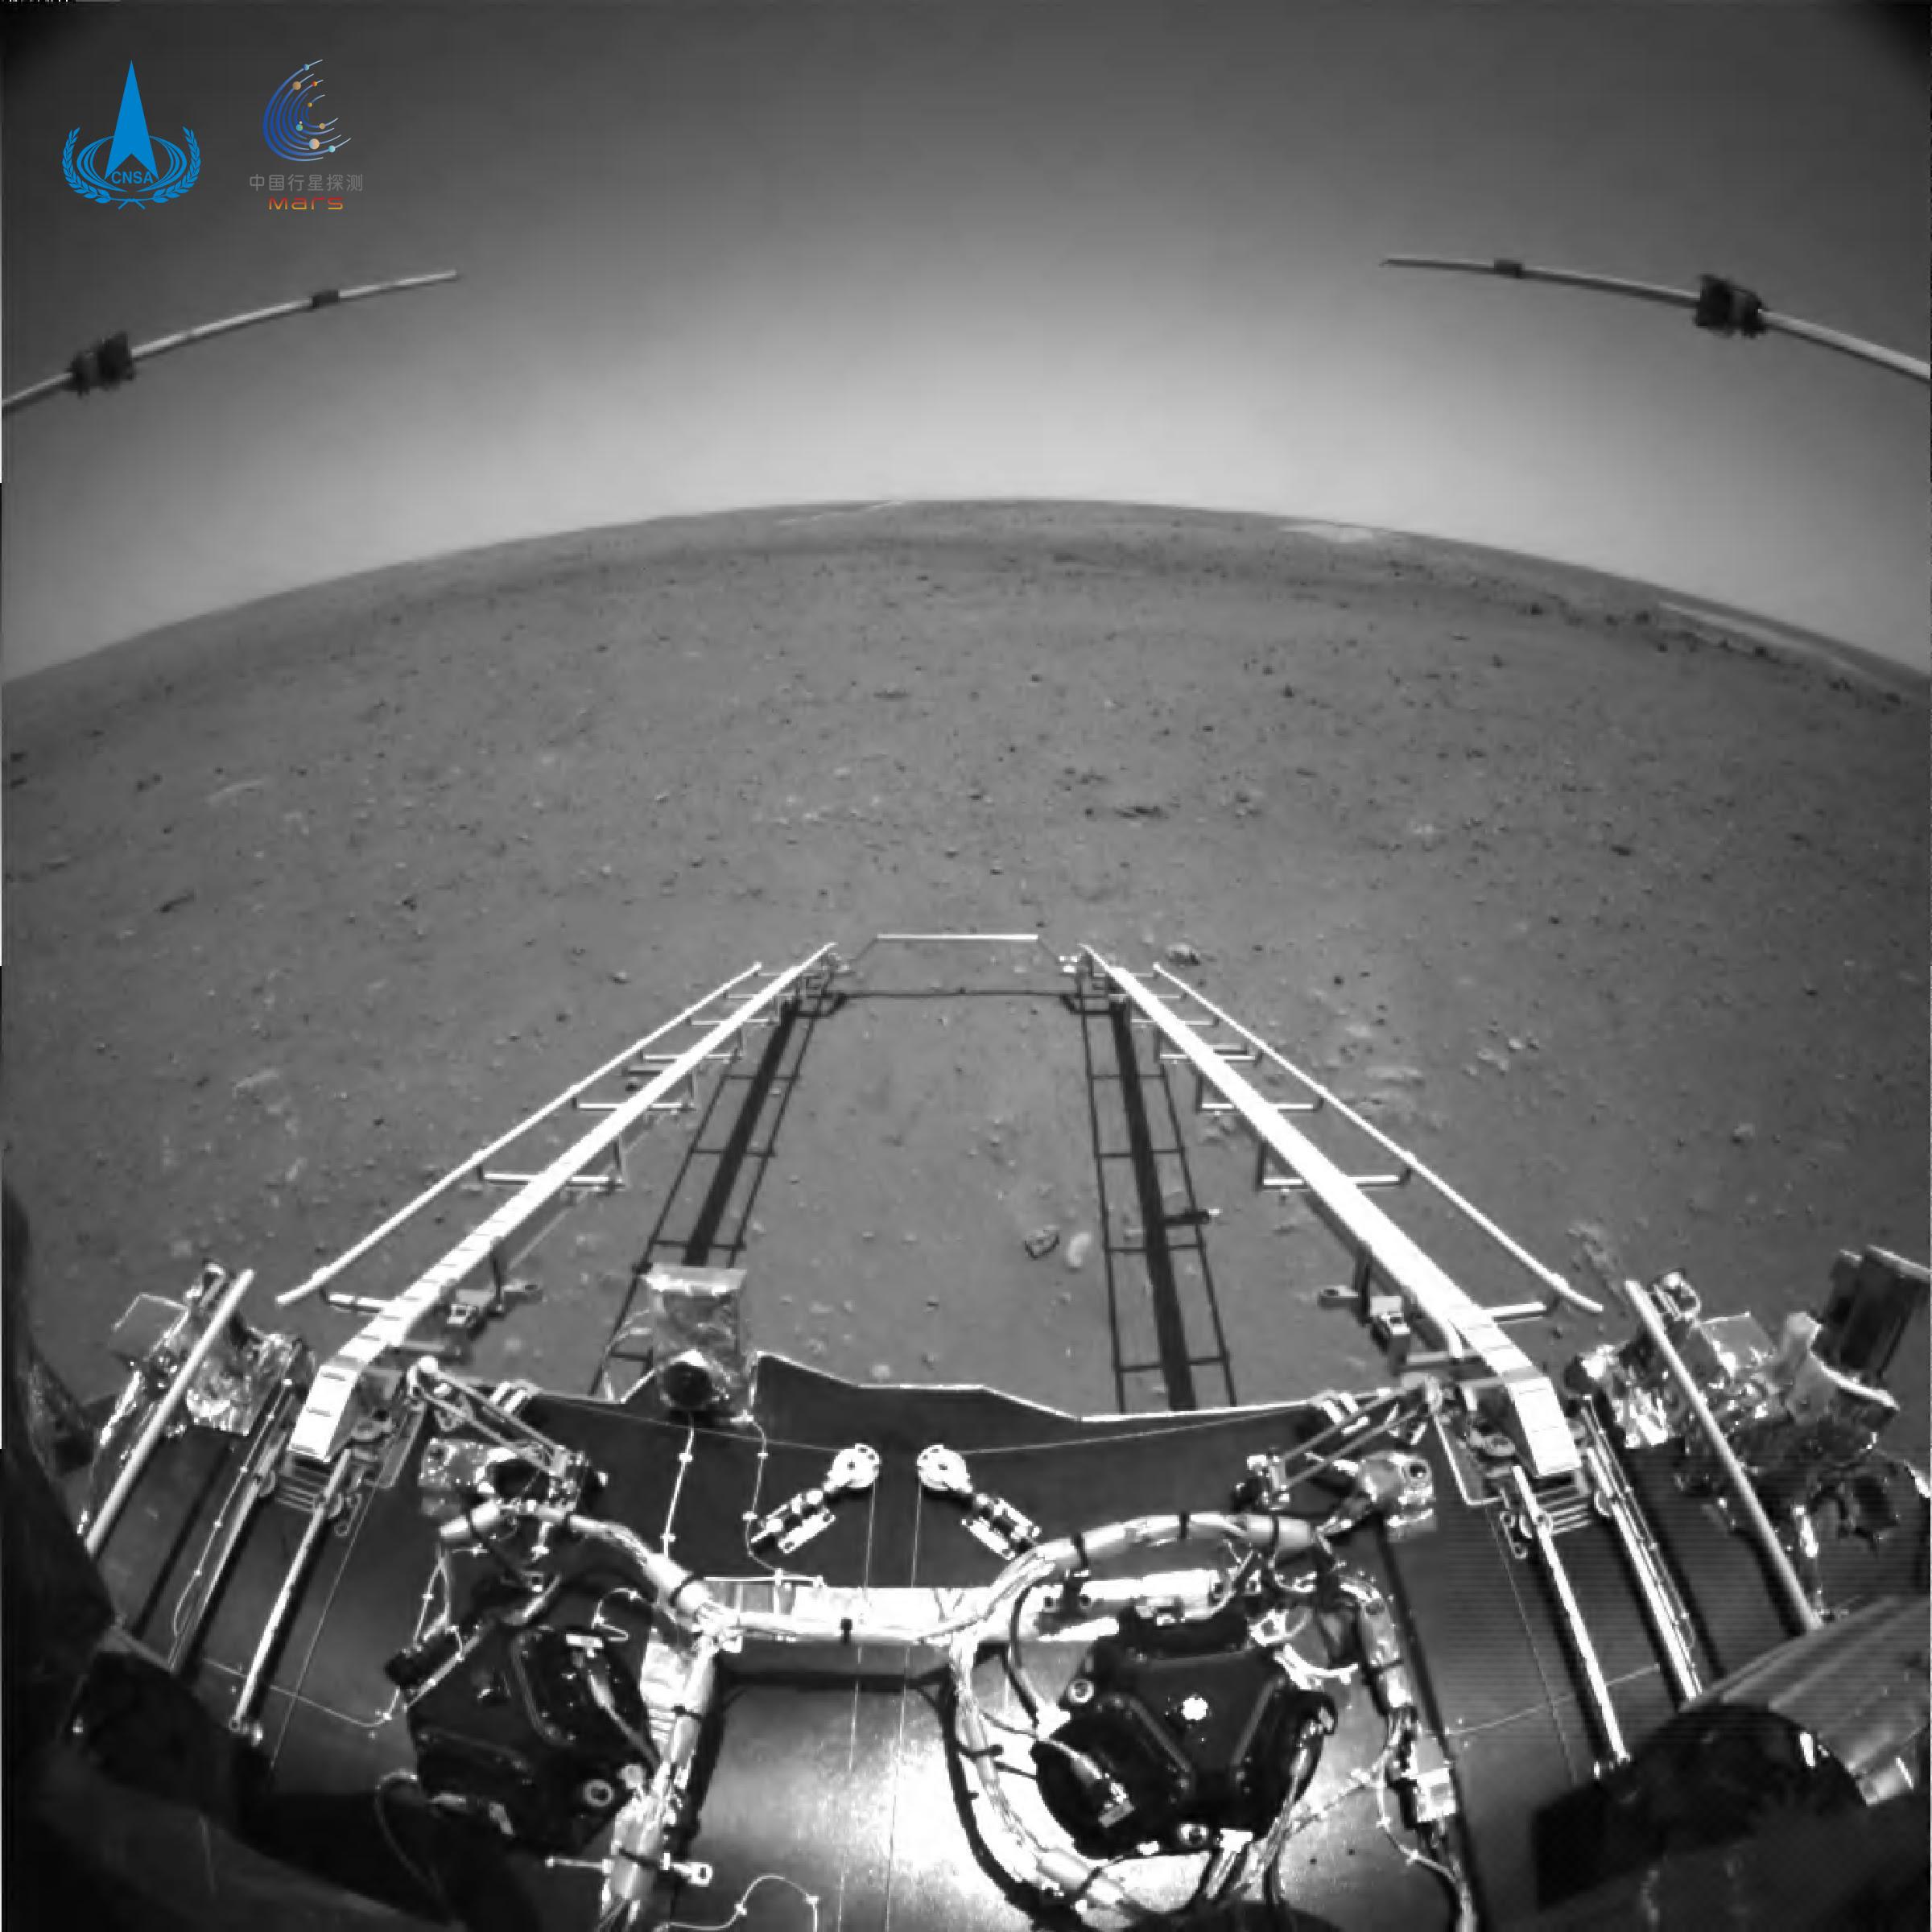 An image taken on Mars by China's Tianwen-1 lander